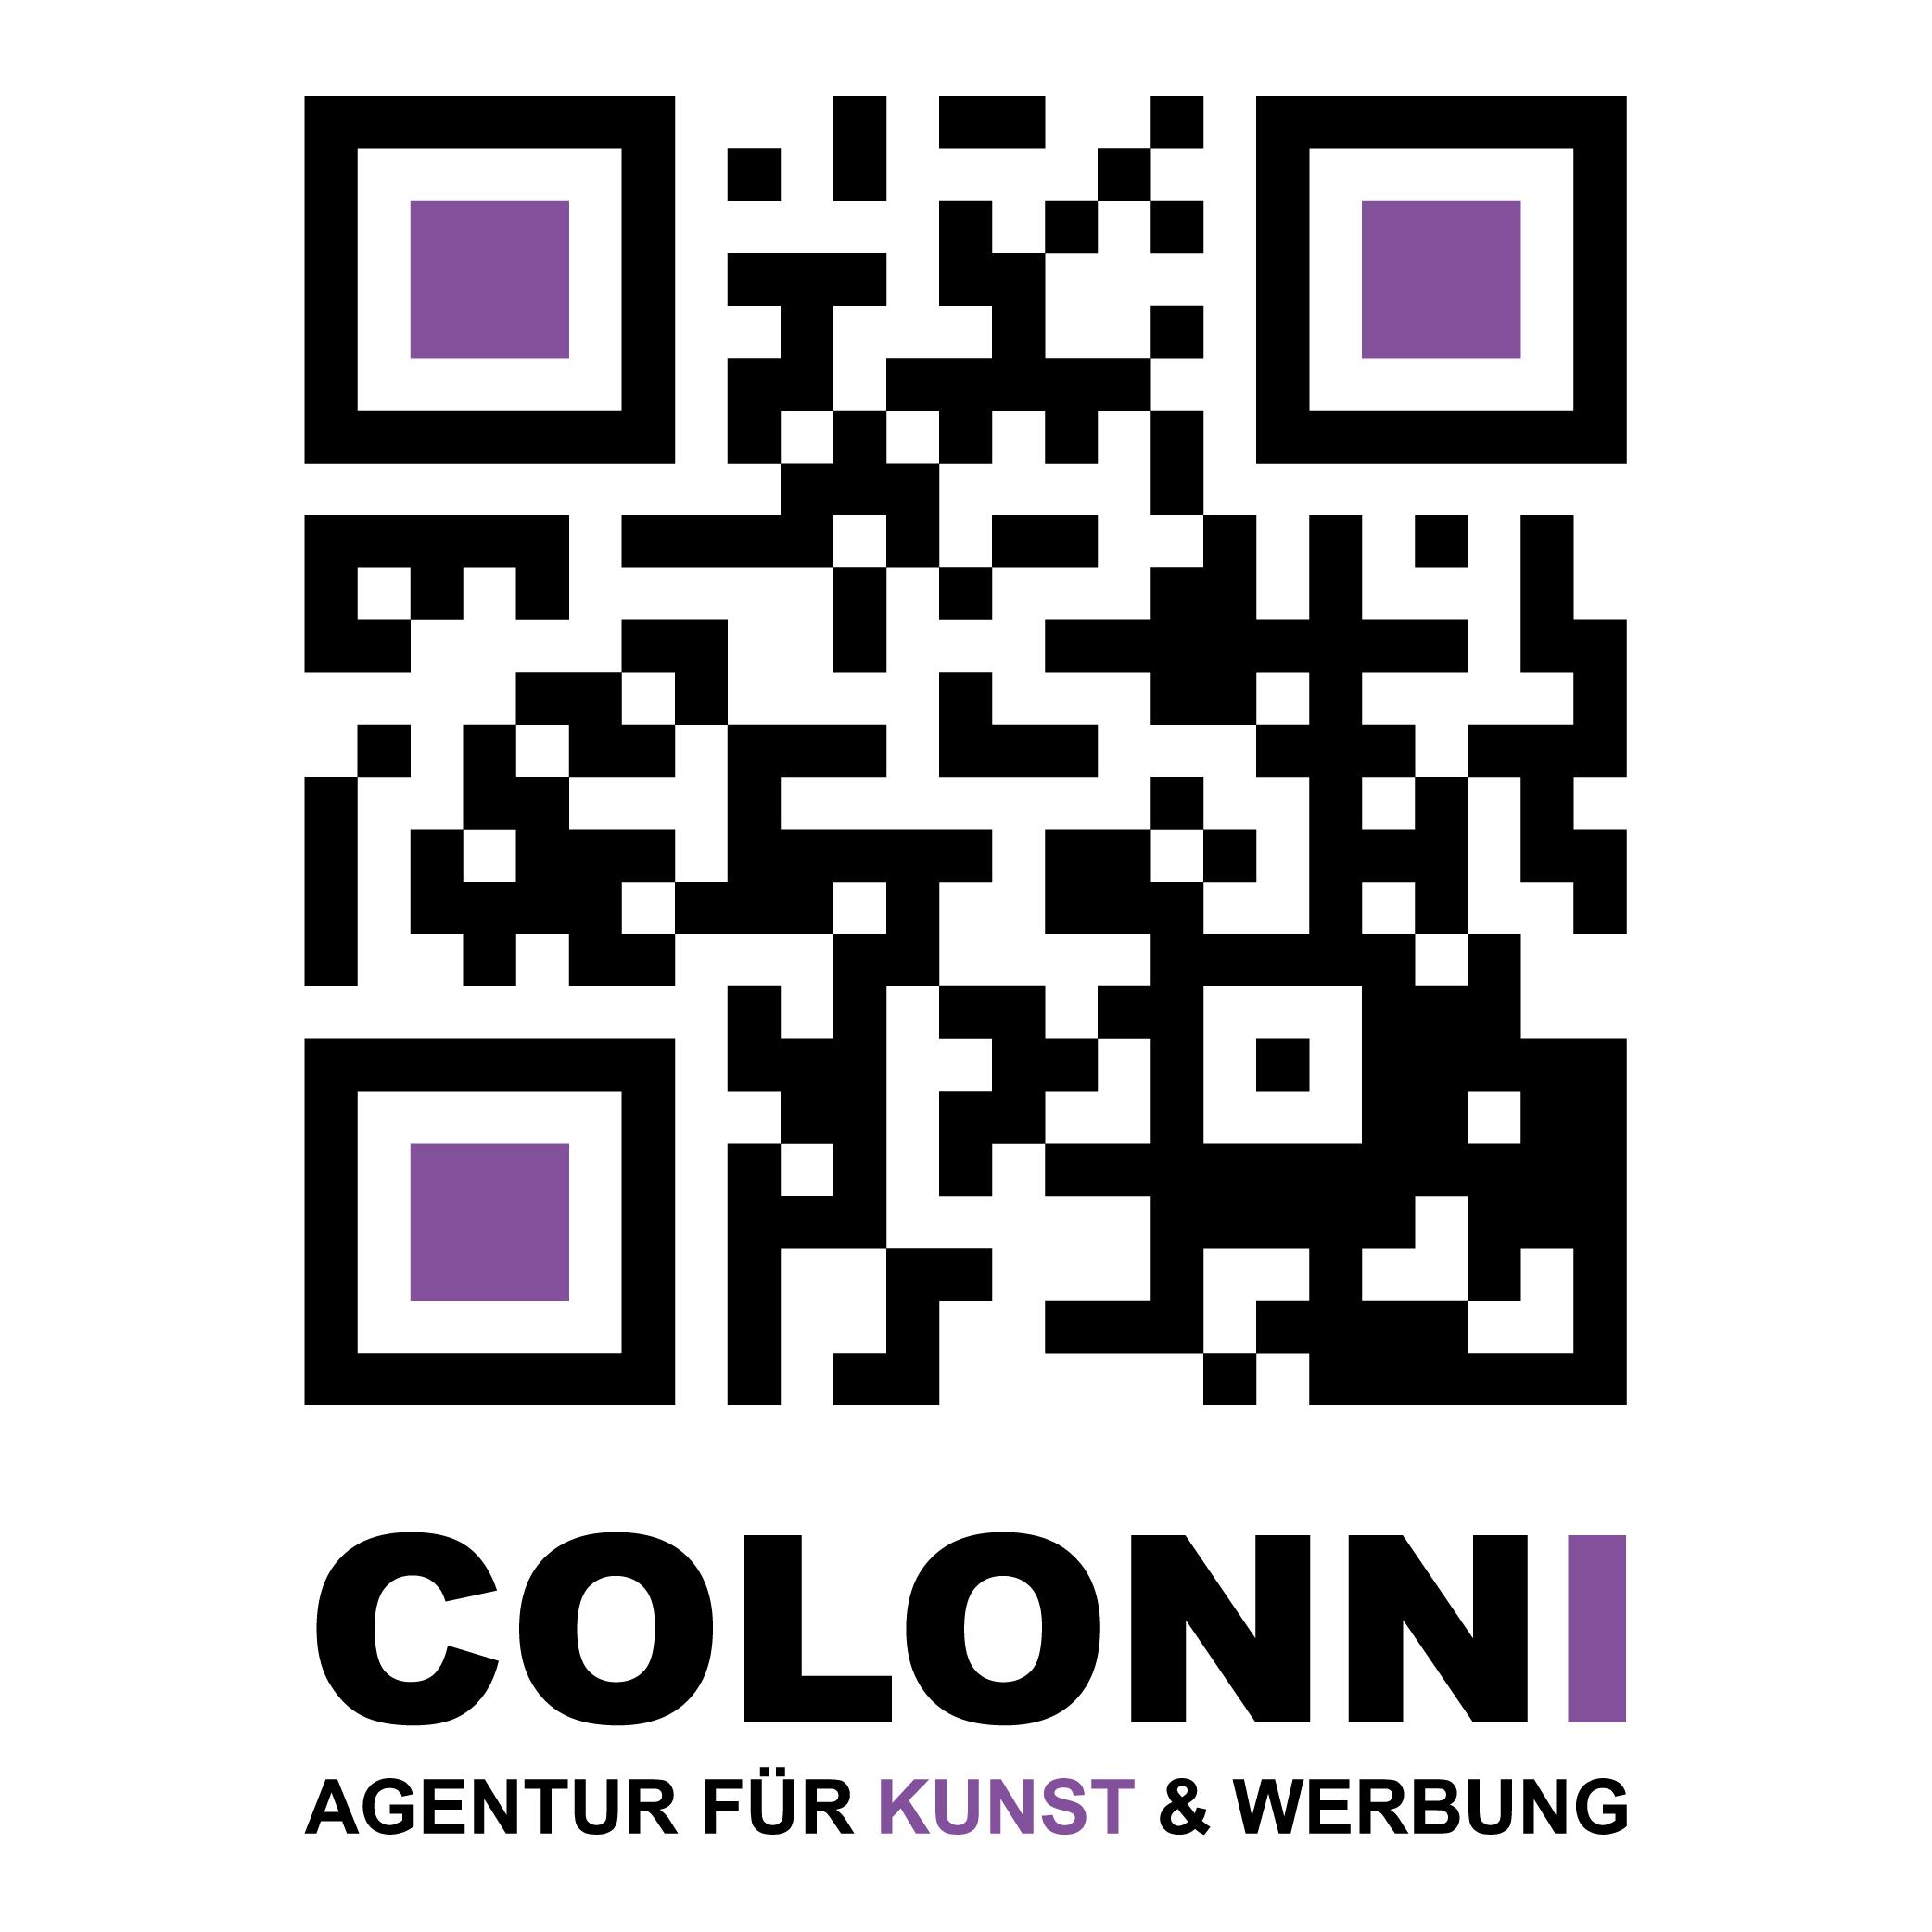 (c) Colonni.de